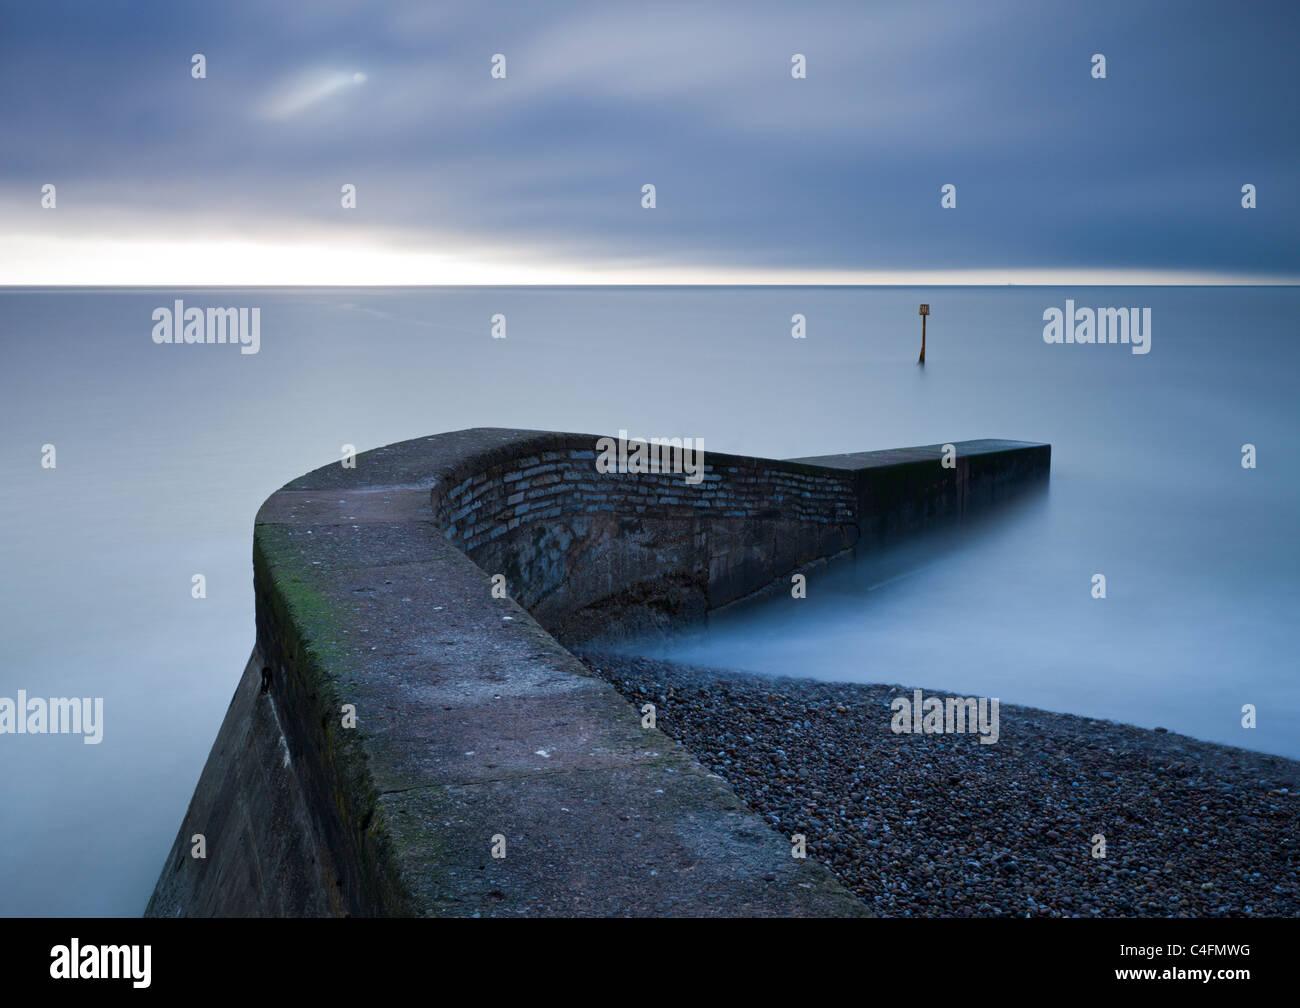 Muelle de piedra en el paseo marítimo en Sidmouth, Devon, Inglaterra. Invierno (febrero de 2011). Imagen De Stock